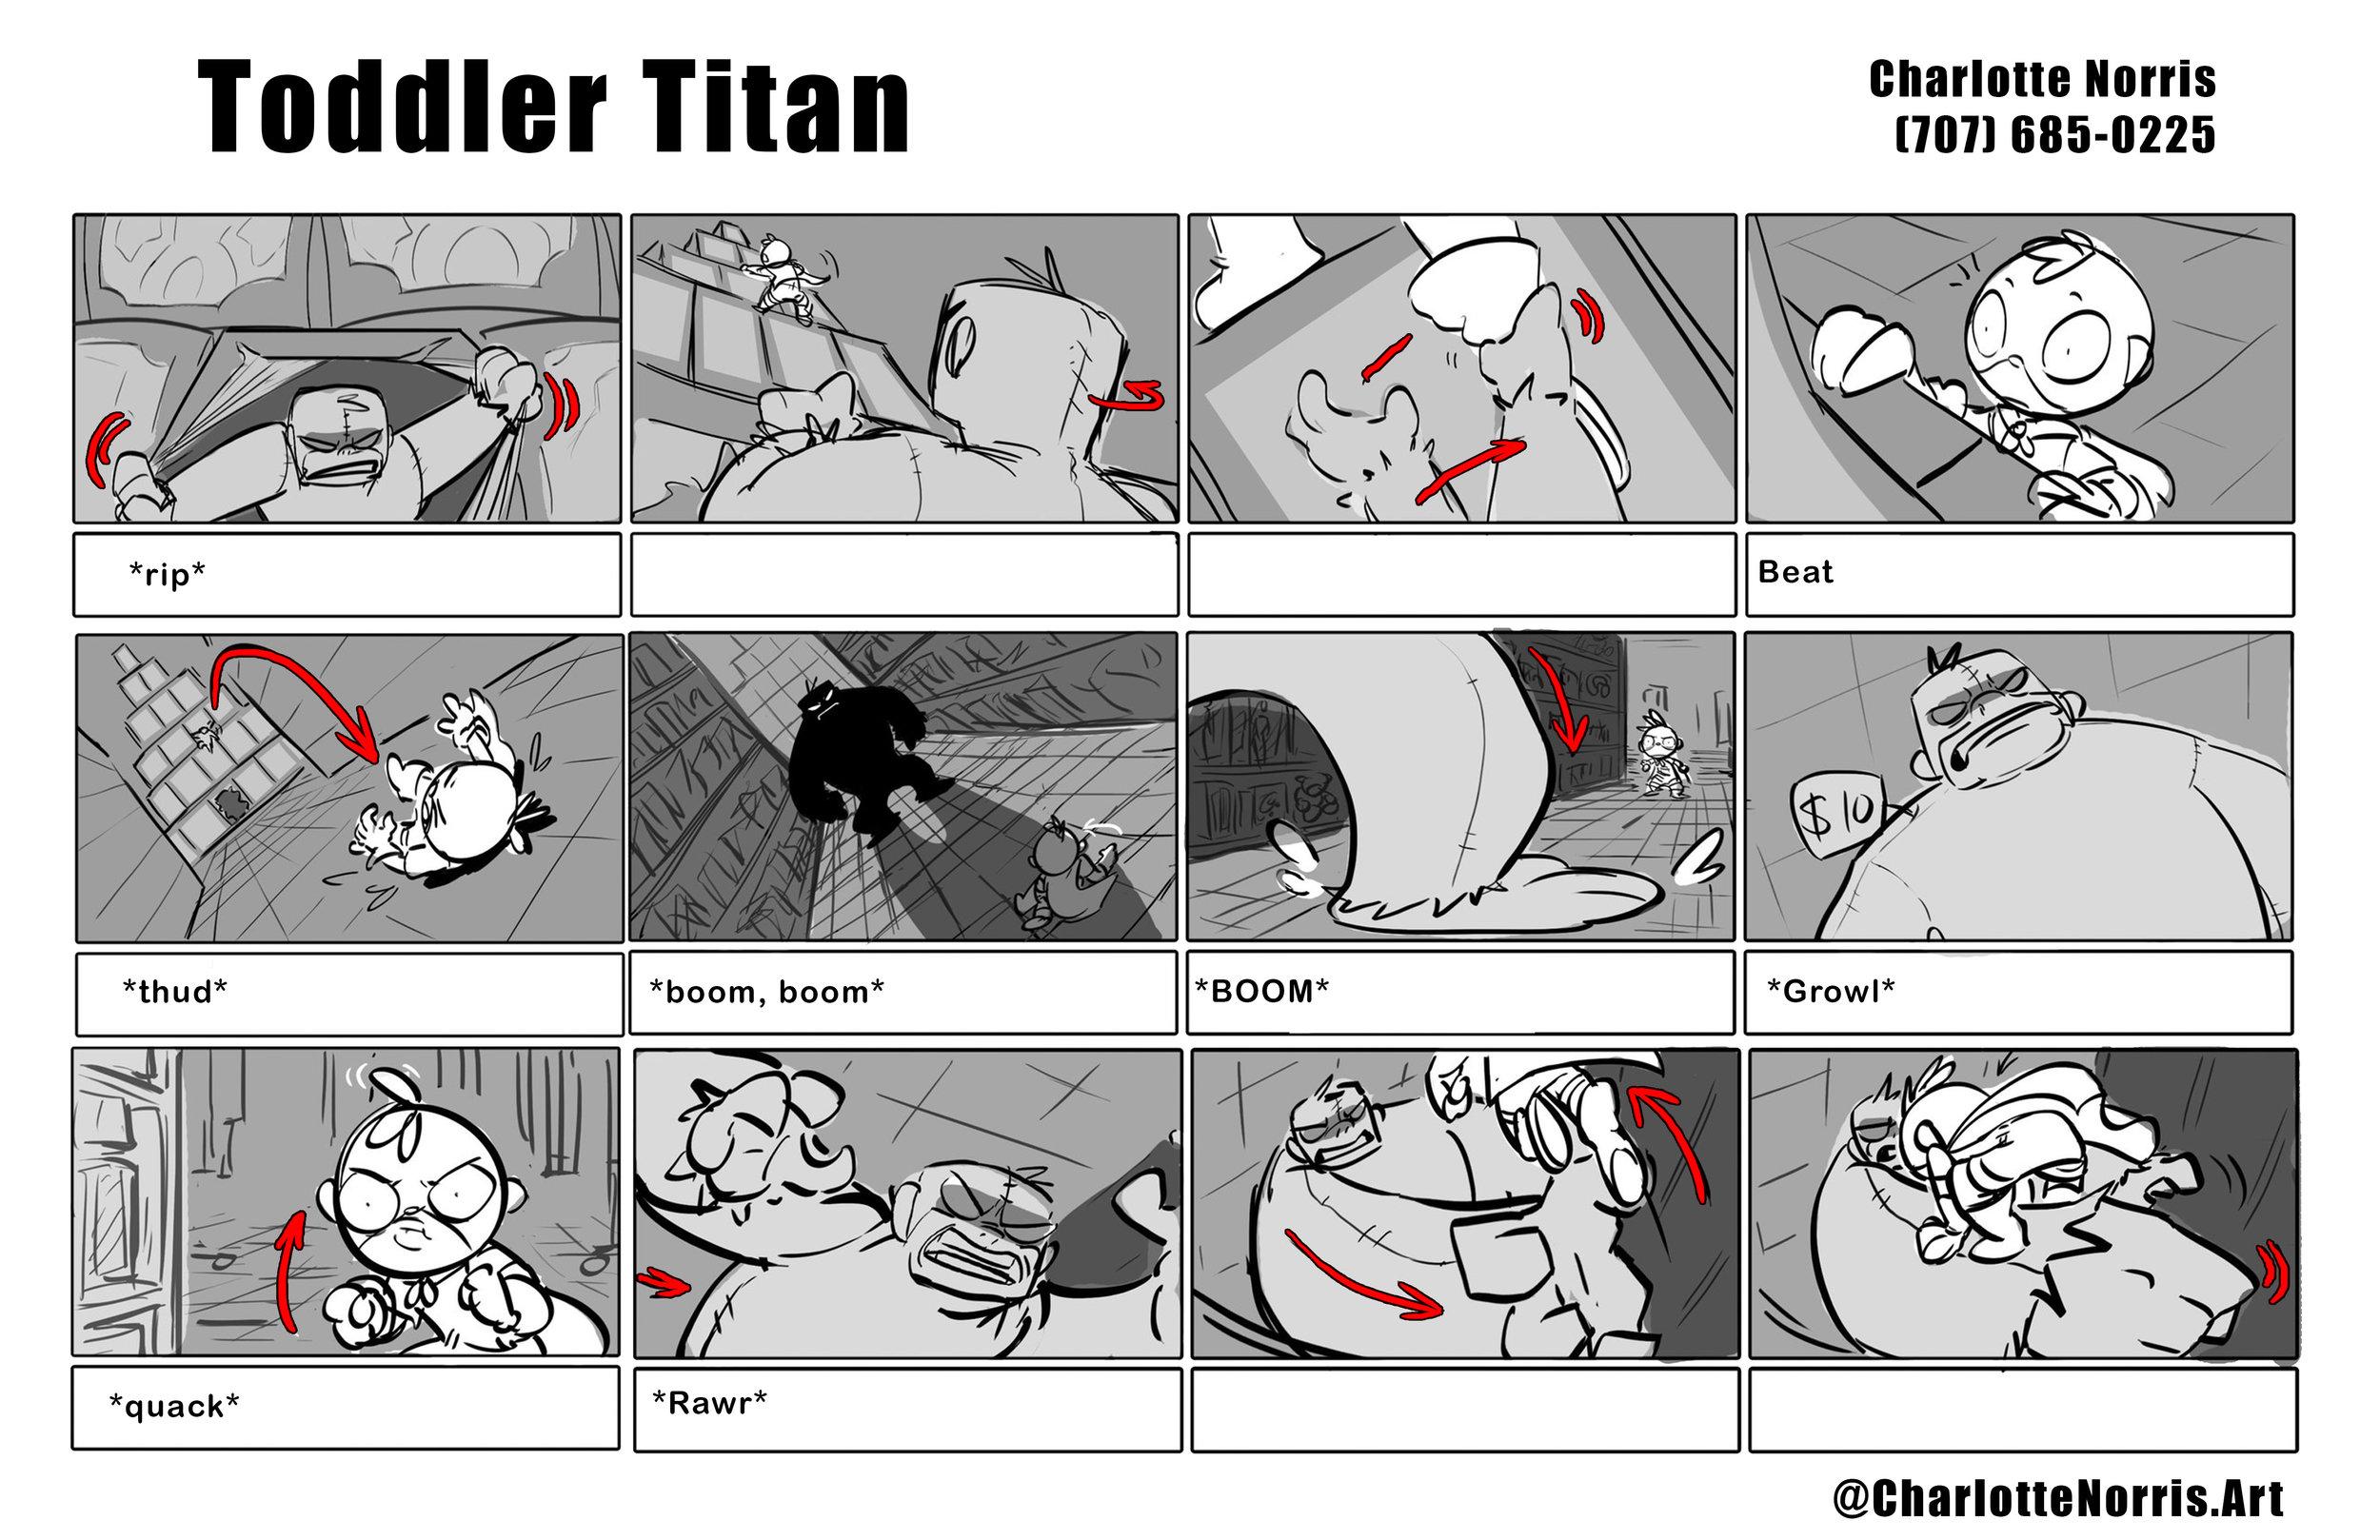 ToddlerTitan_03.jpg